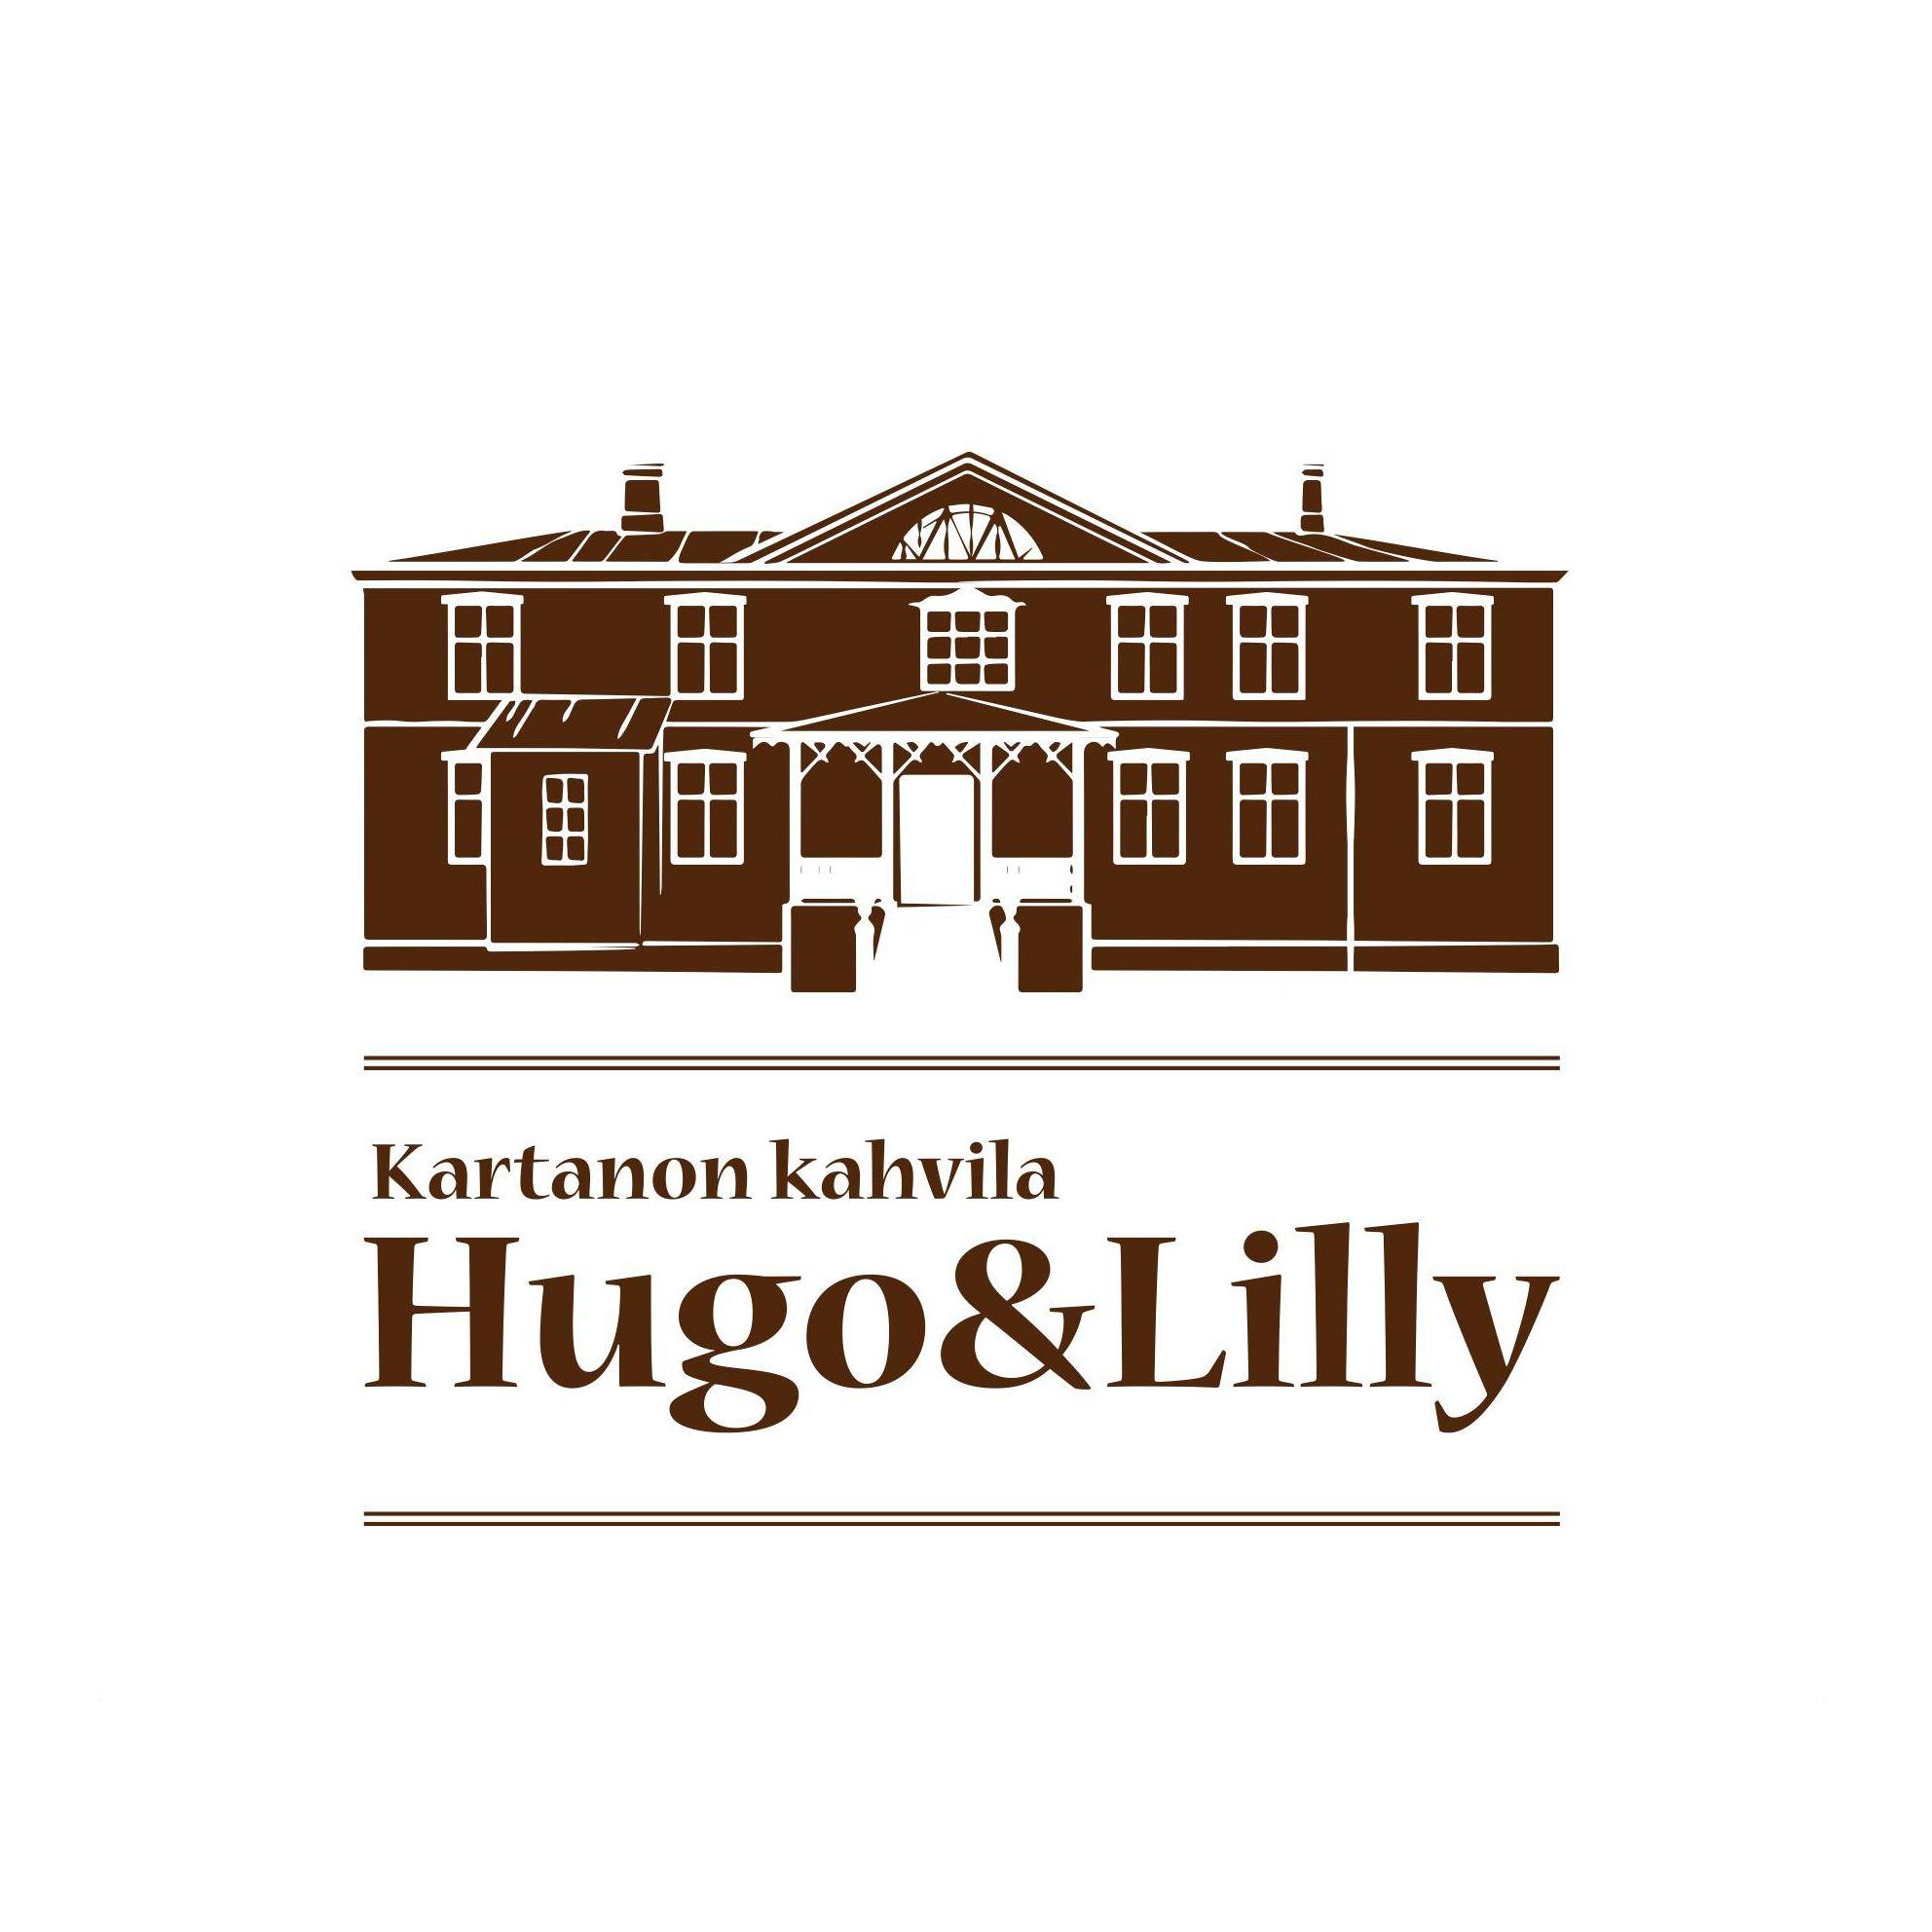 Kesäkahvila   Urajärven Kartanon kahvila Hugo&Lilly